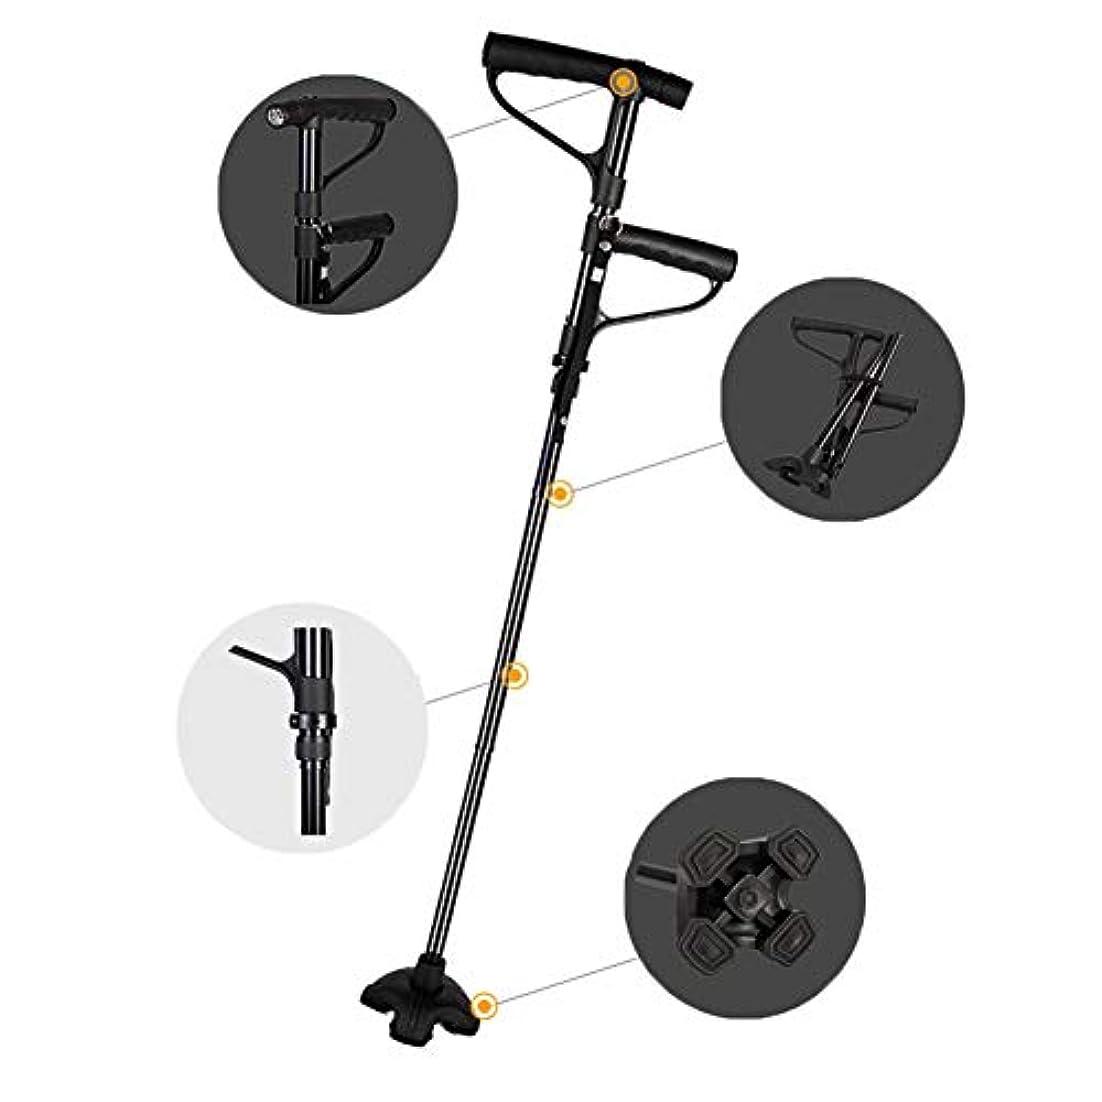 自然公園追加教養がある杖 ステッキ 折りたたみ杖 自立式 4点杖5段階 伸縮式 74cm ~ 97cm LEDライト搭載 軽量 歩行補助 介護 レディース ステッキ 婦人用